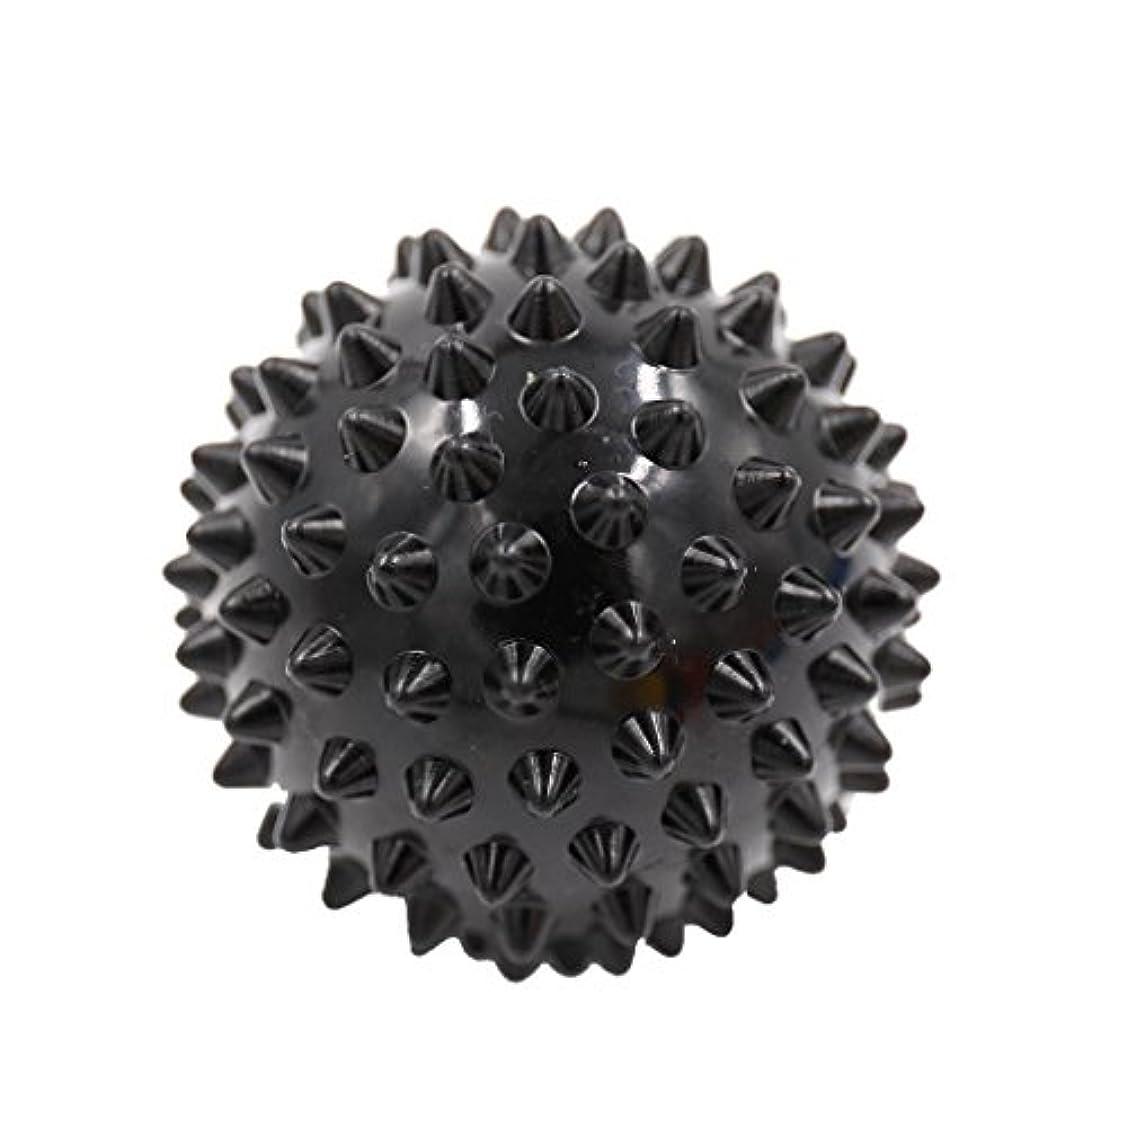 塩辛いふける飲料マッサージボール マッサージ器 ボディ パームレリーフ スパイク マッサージ 刺激ボール 3色選べ - ブラック, 説明したように